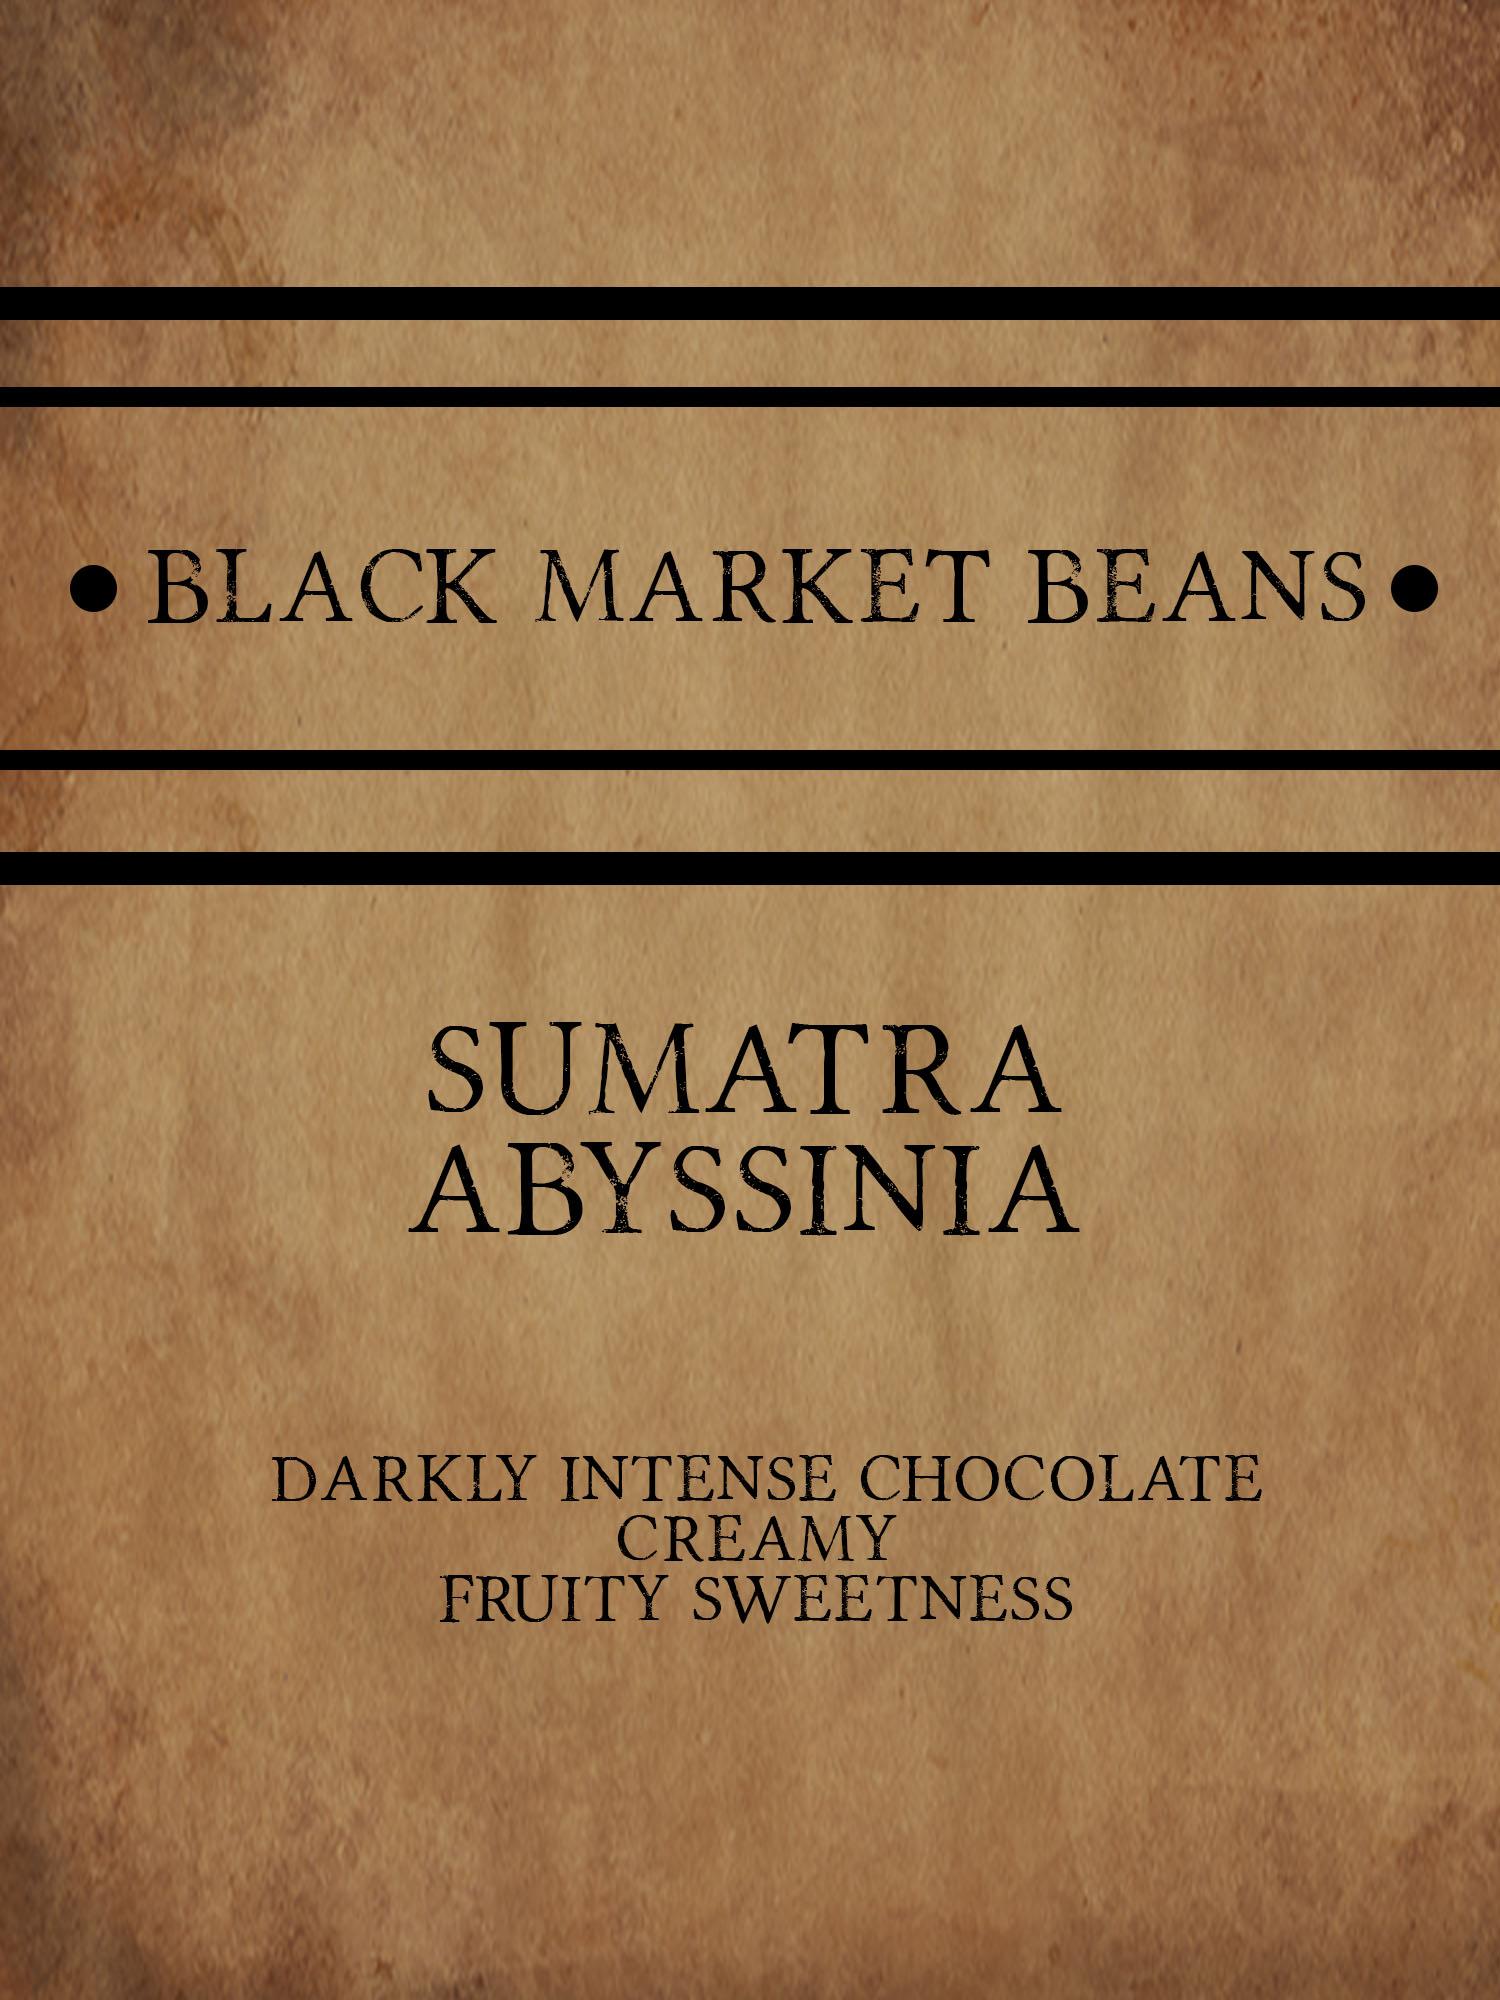 coffee_card_Sumatra_Abyssinia.jpg